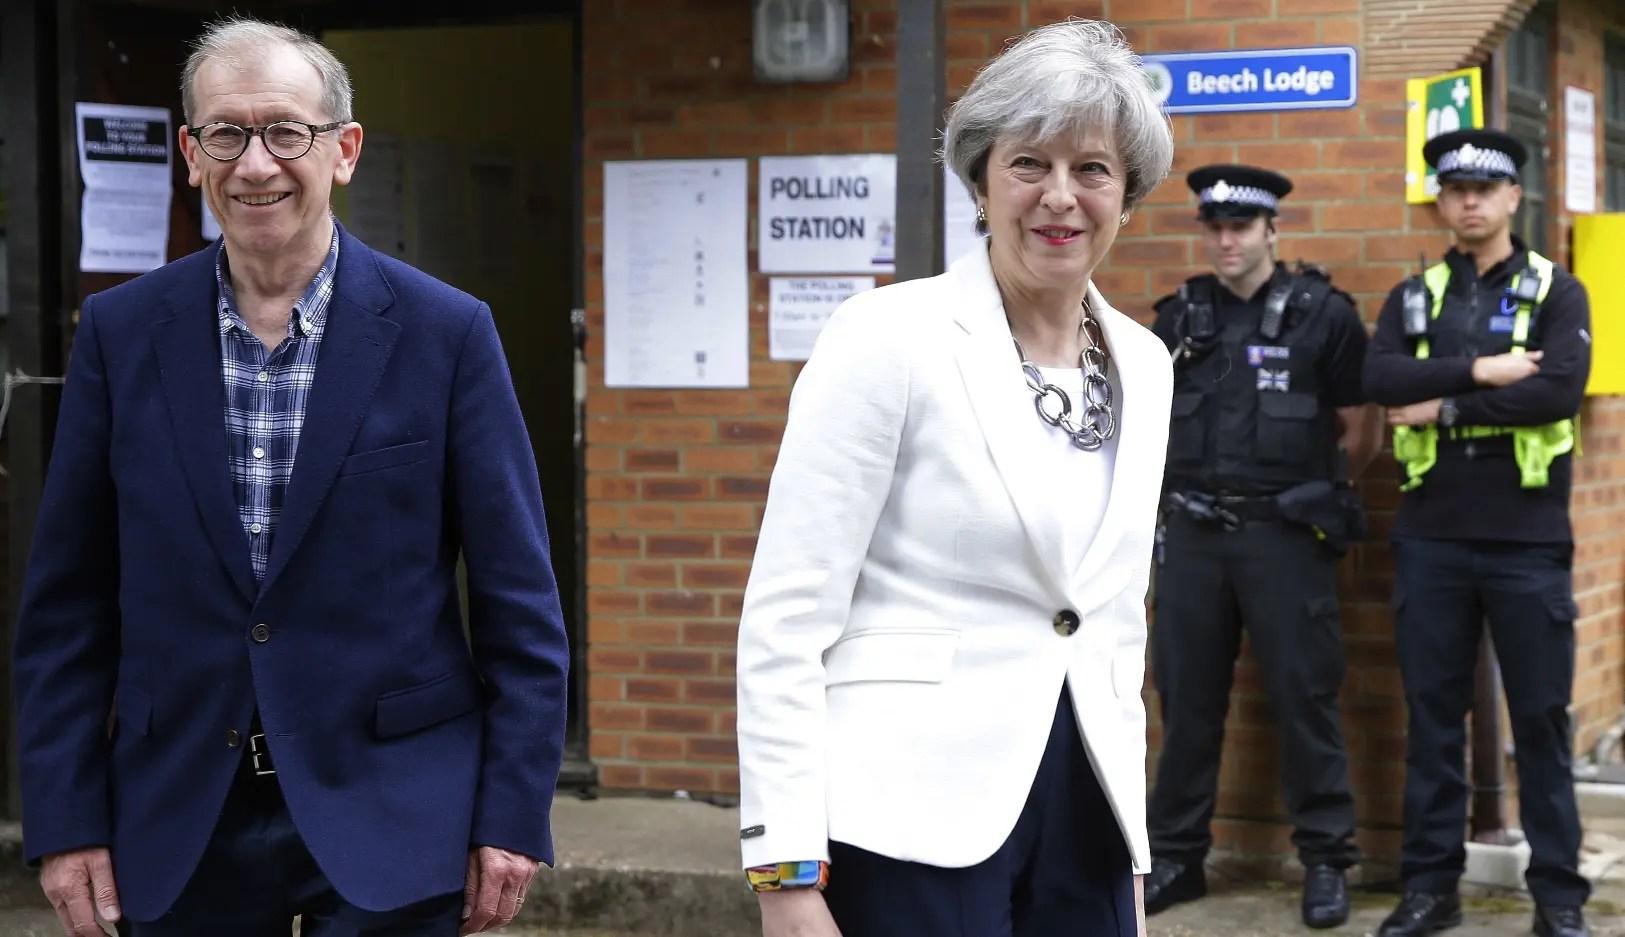 Triunfaron los conversadores en Reino Unido pero sin lograr mayoría absoluta